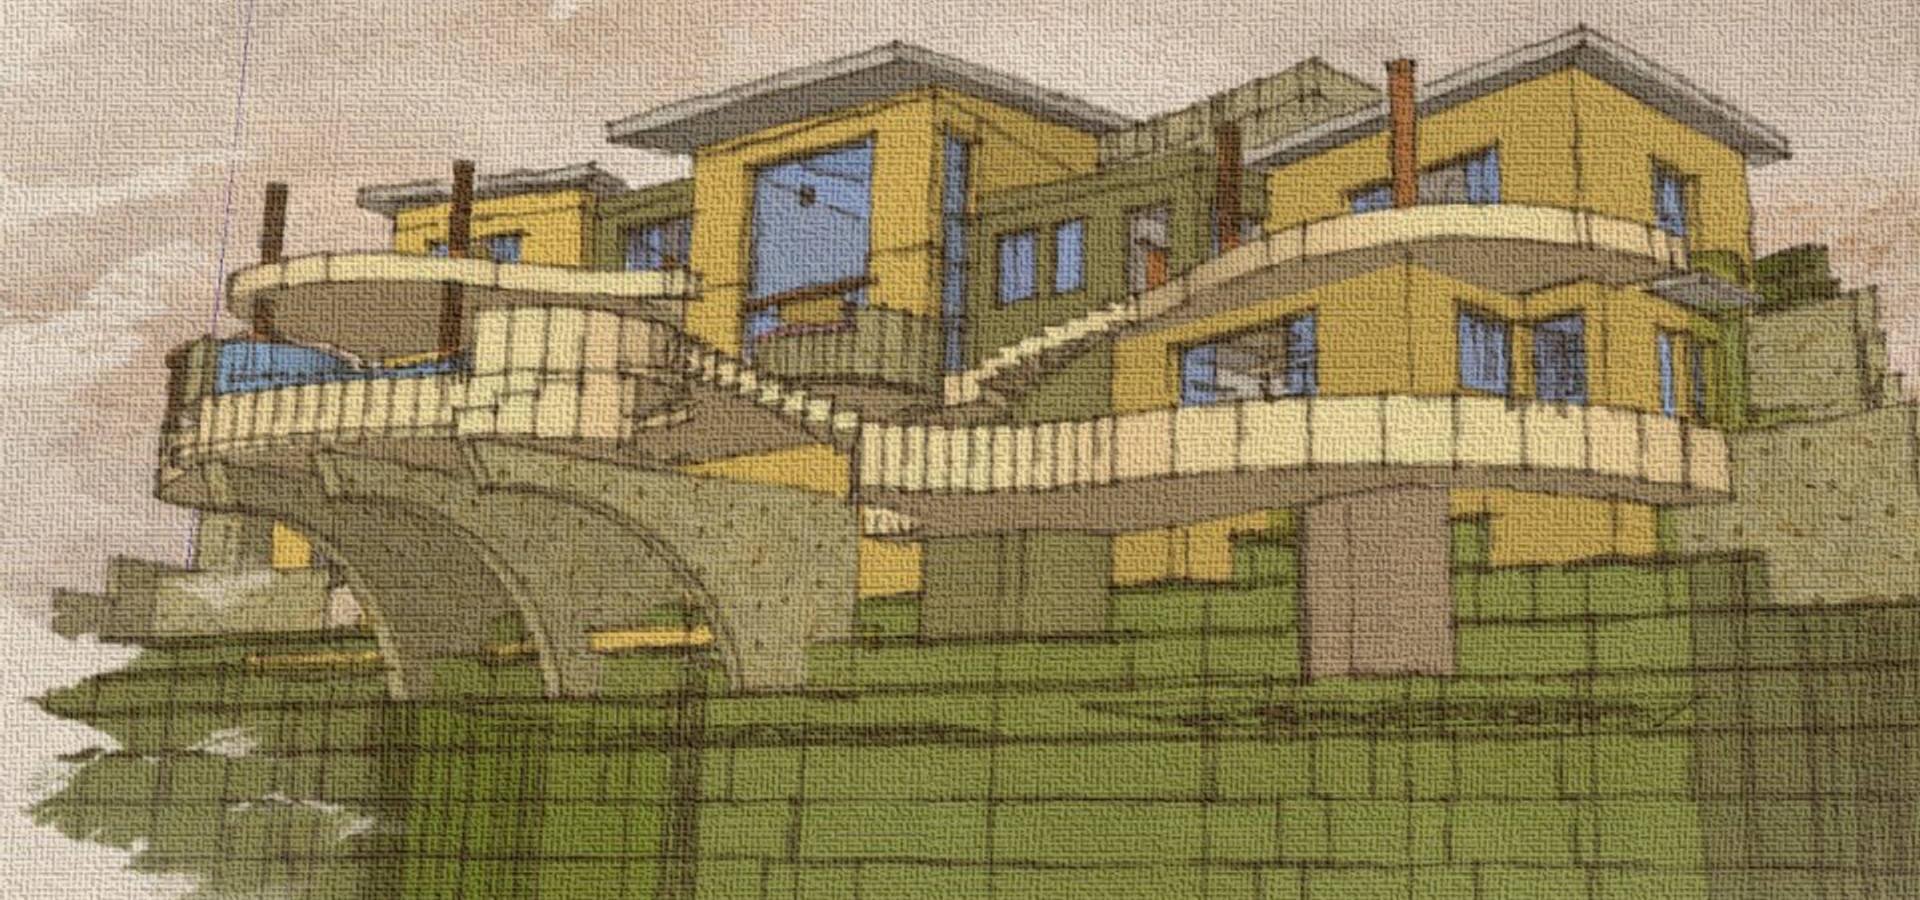 Ziervogel Architecture